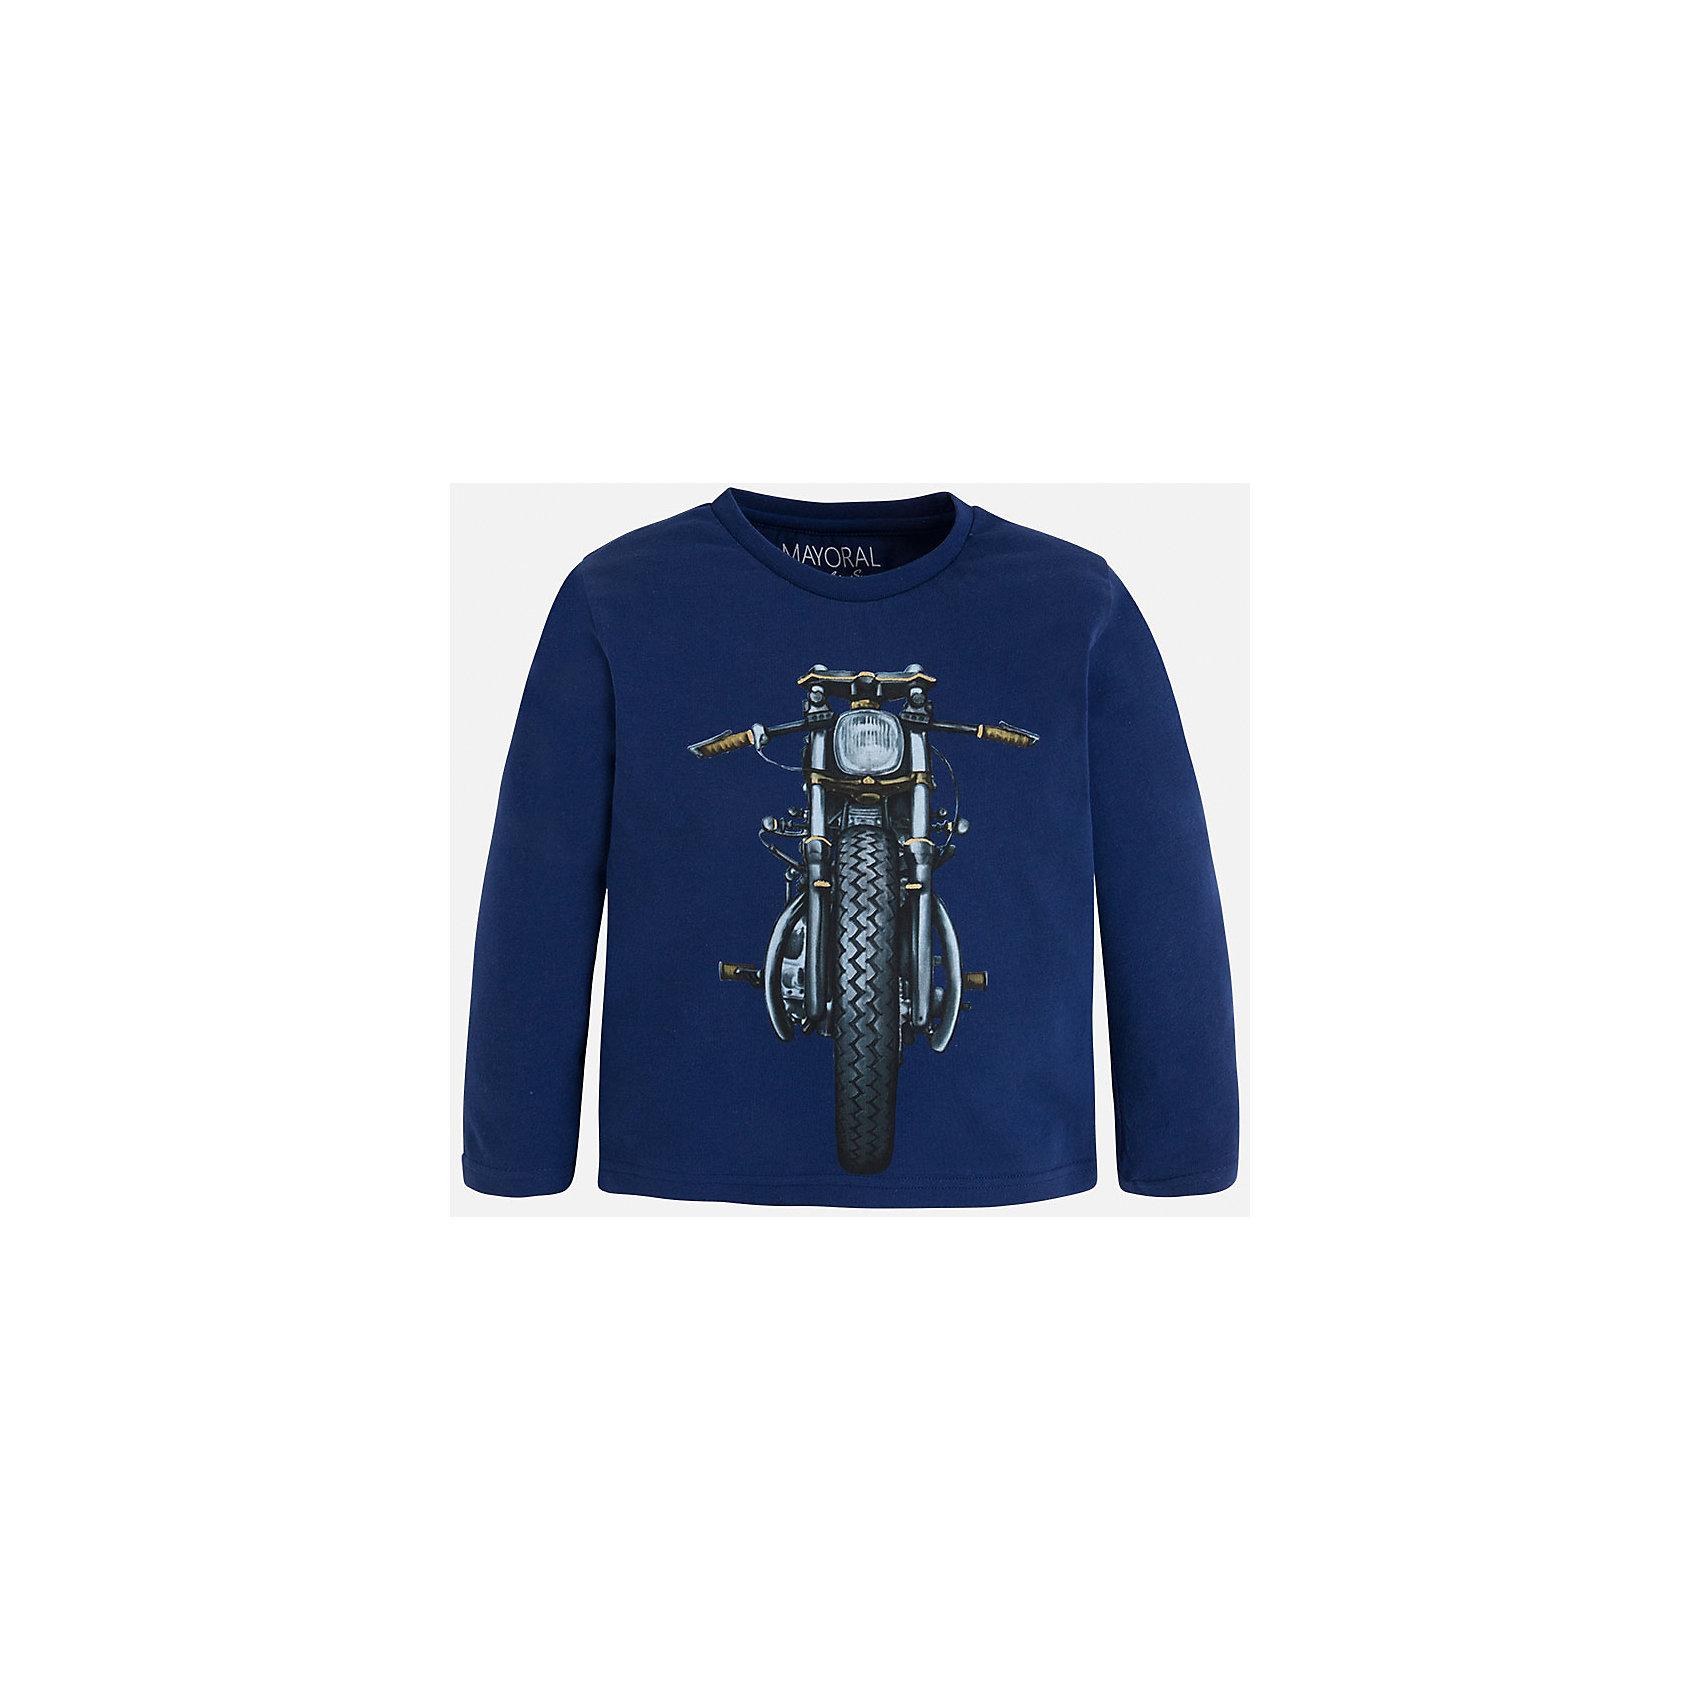 Футболка с длинным рукавом для мальчика MayoralХлопковая футболка с длинными рукавами - это  базовая вещь в любом гардеробе. Благодаря длинным рукавам и легкому составу, ее можно носить в любое время года, а яркий орнамент, подчеркнет индивидуальный стиль Вашего ребенка!<br><br>Дополнительная информация:<br><br>- Крой: прямой крой.<br>- Страна бренда: Испания.<br>- Состав: хлопок 100%.<br>- Цвет: темно-синий.<br>- Уход: бережная стирка при 30 градусах.<br><br>Купить футболку с длинным рукавом для мальчика, от  Mayoral, можно в нашем магазине.<br><br>Ширина мм: 230<br>Глубина мм: 40<br>Высота мм: 220<br>Вес г: 250<br>Цвет: синий<br>Возраст от месяцев: 96<br>Возраст до месяцев: 108<br>Пол: Мужской<br>Возраст: Детский<br>Размер: 128,116,110,104,98,134,122<br>SKU: 4821888